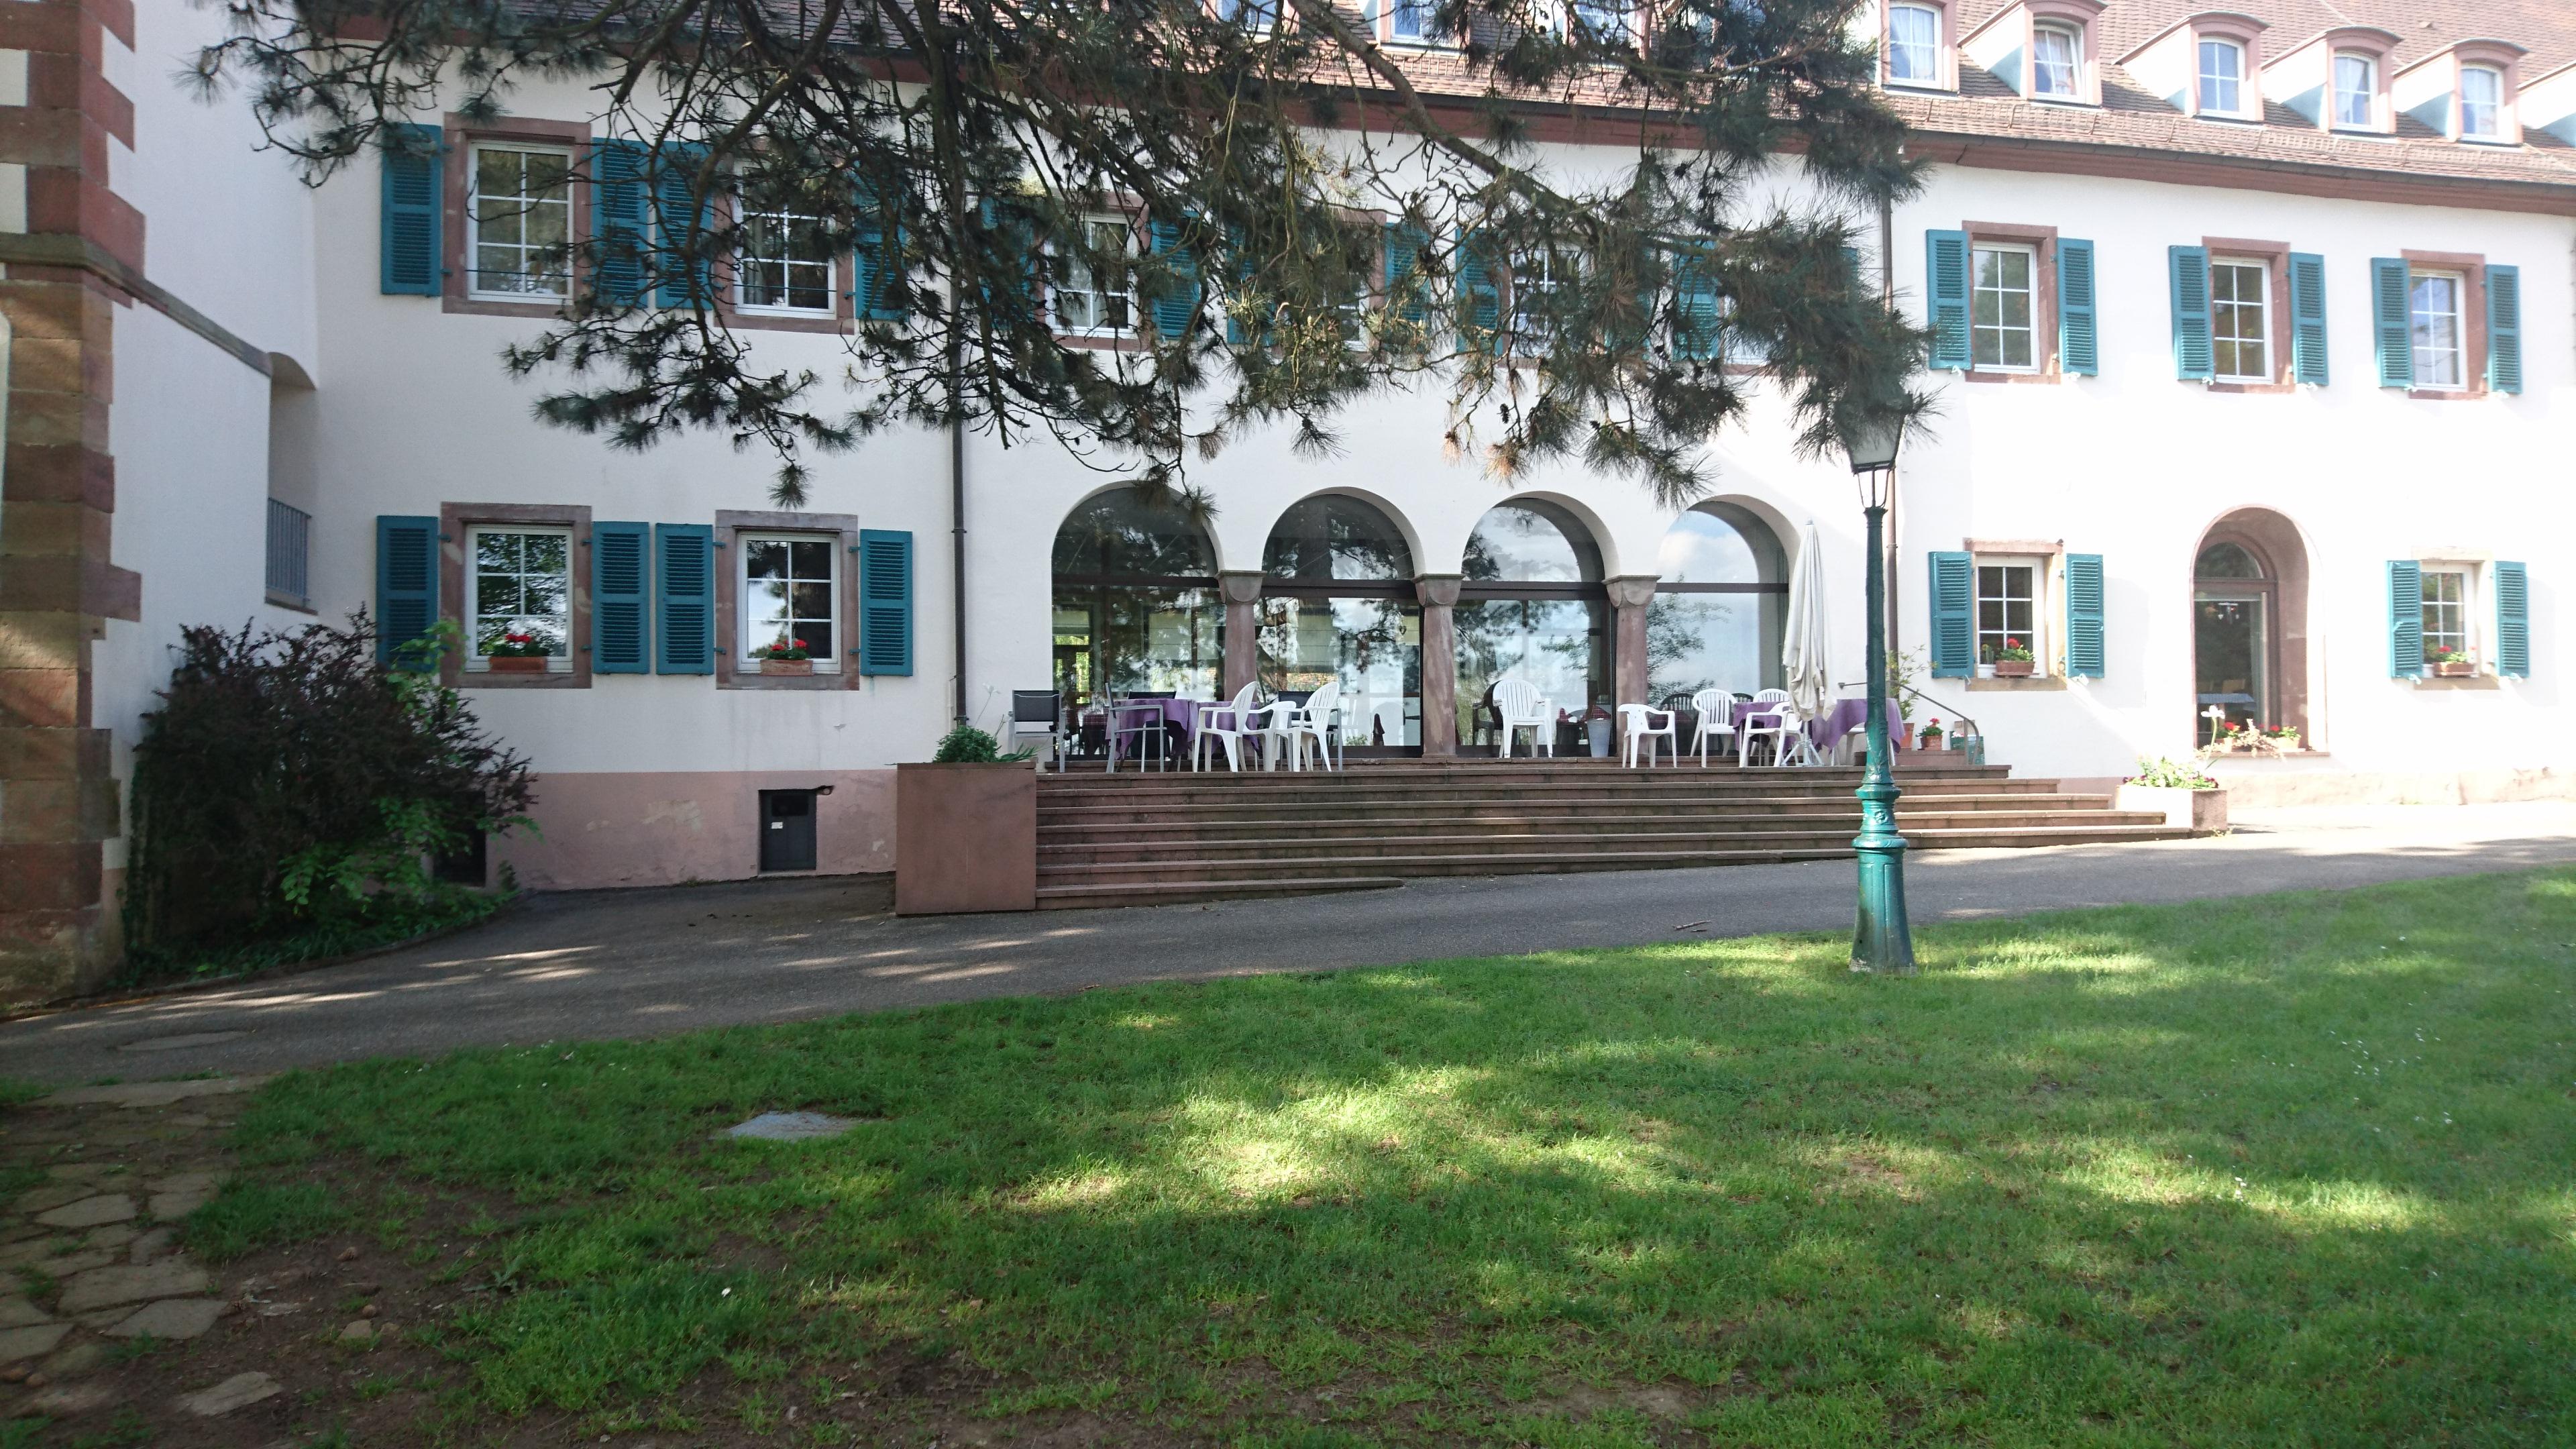 Universit de strasbourg s minaire les doctoriales d 39 alsace - Residence les jardins d alsace strasbourg ...